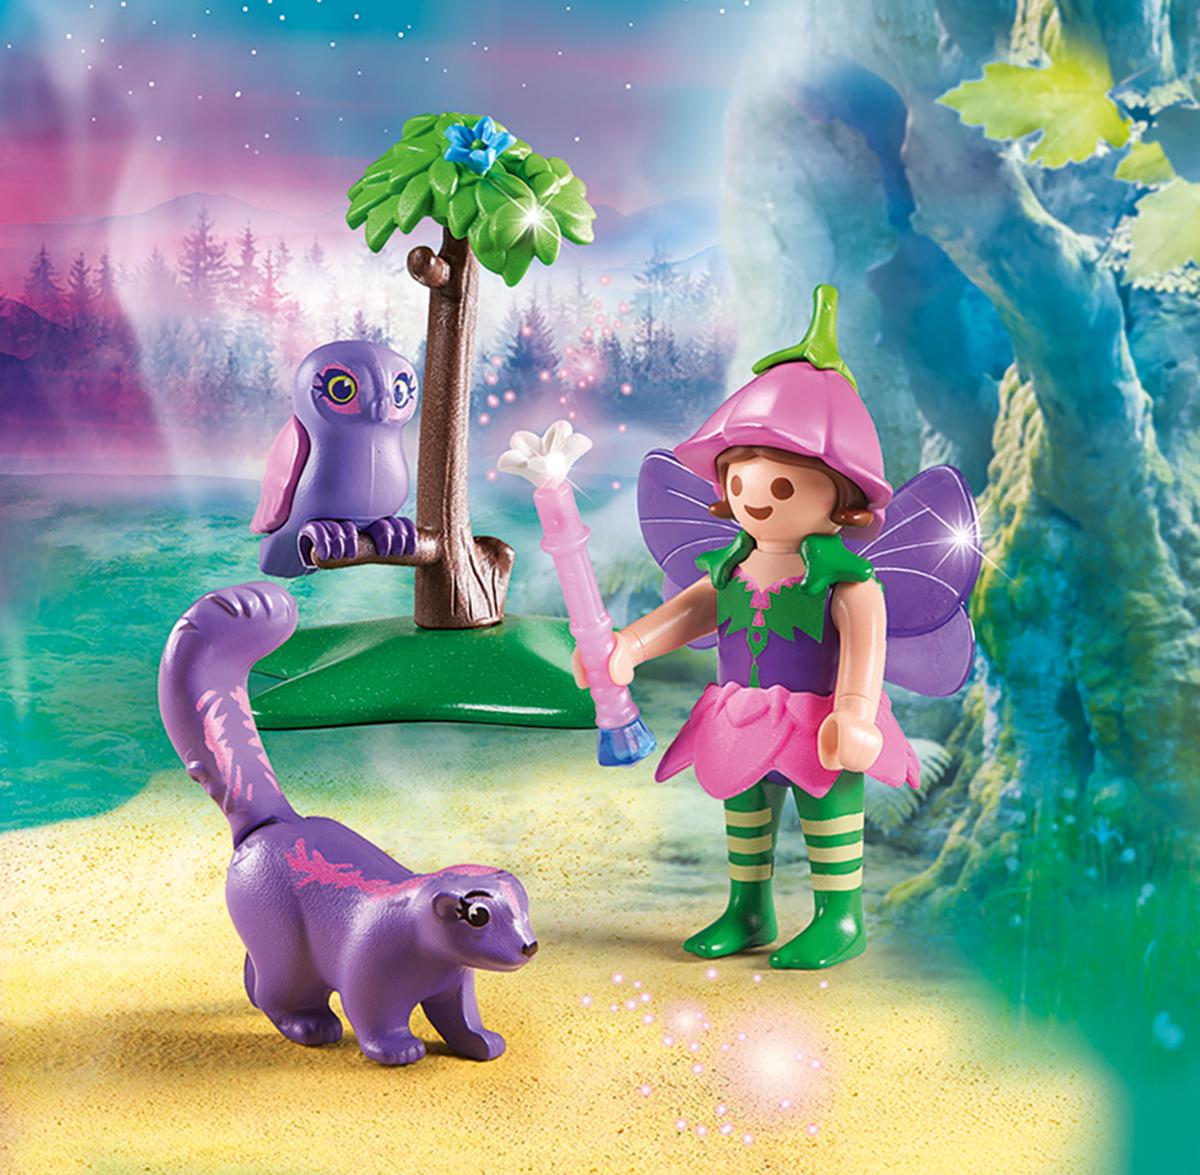 Playmobil Игровой набор Феи Девочка-фея с животными друзьями playmobil игровой набор девочка с морскими свинками